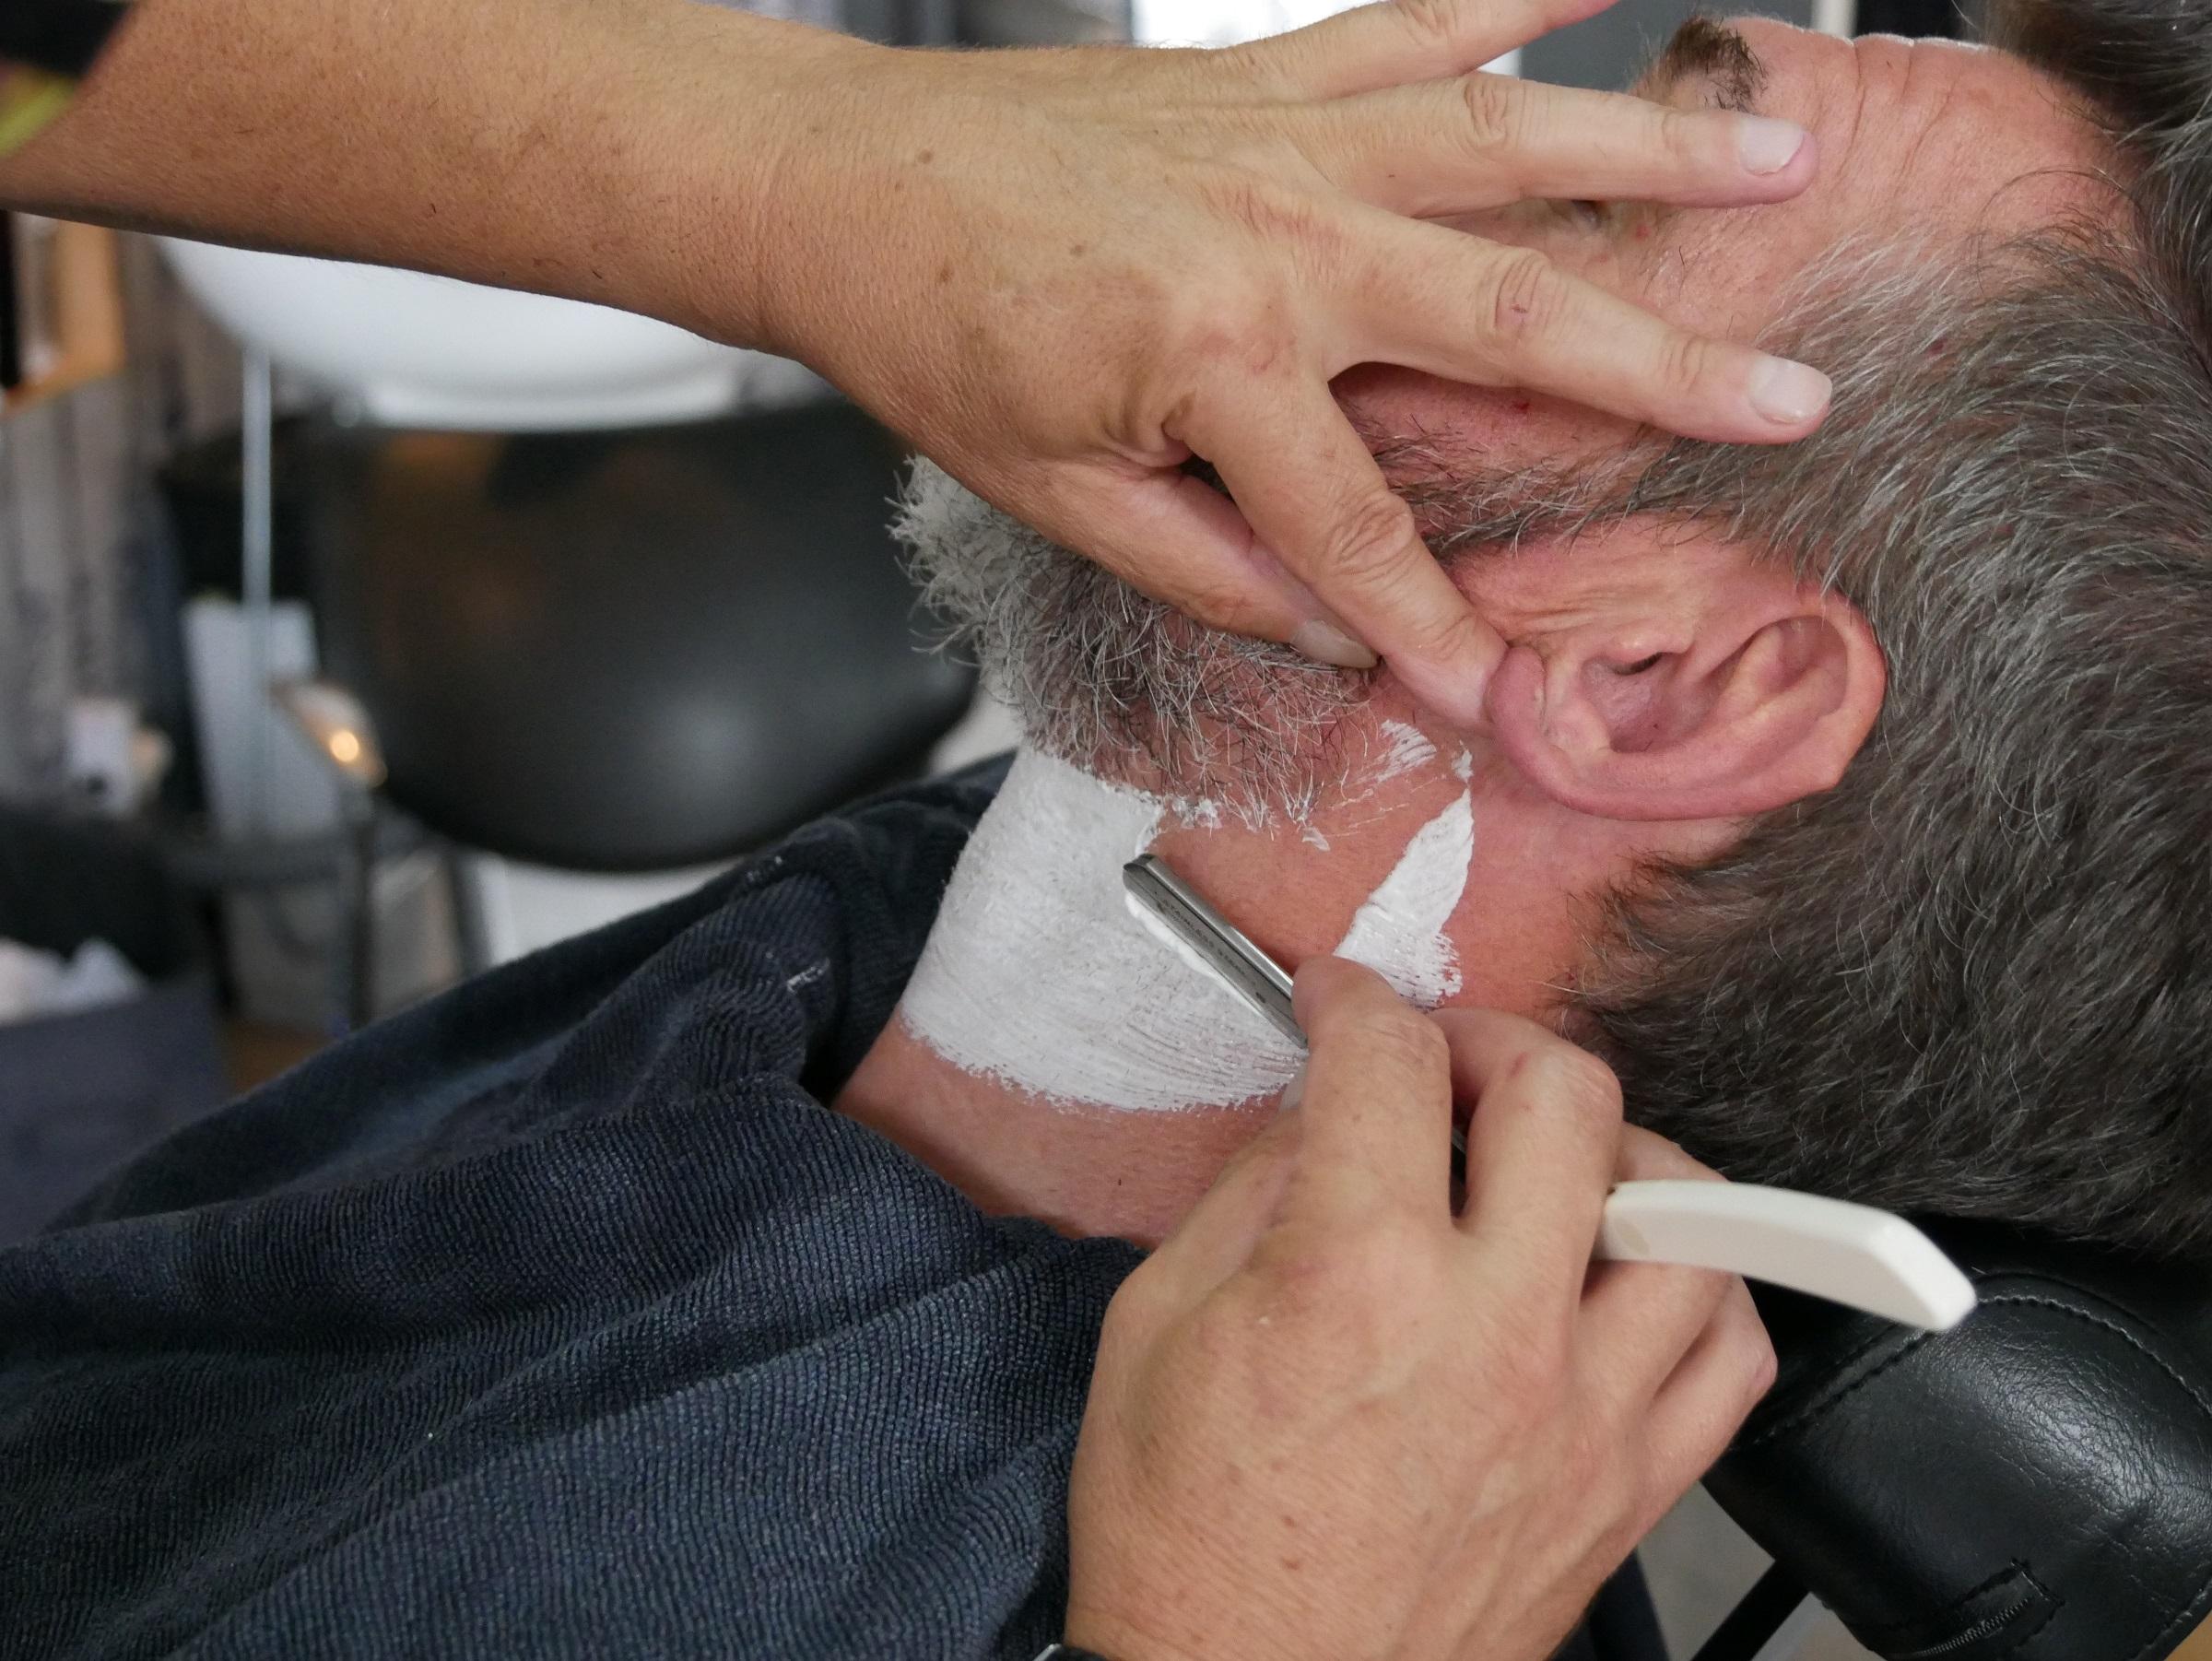 Rasage au coupe-chou, la méthode traditionnelle du barbier au salon Hair N'J